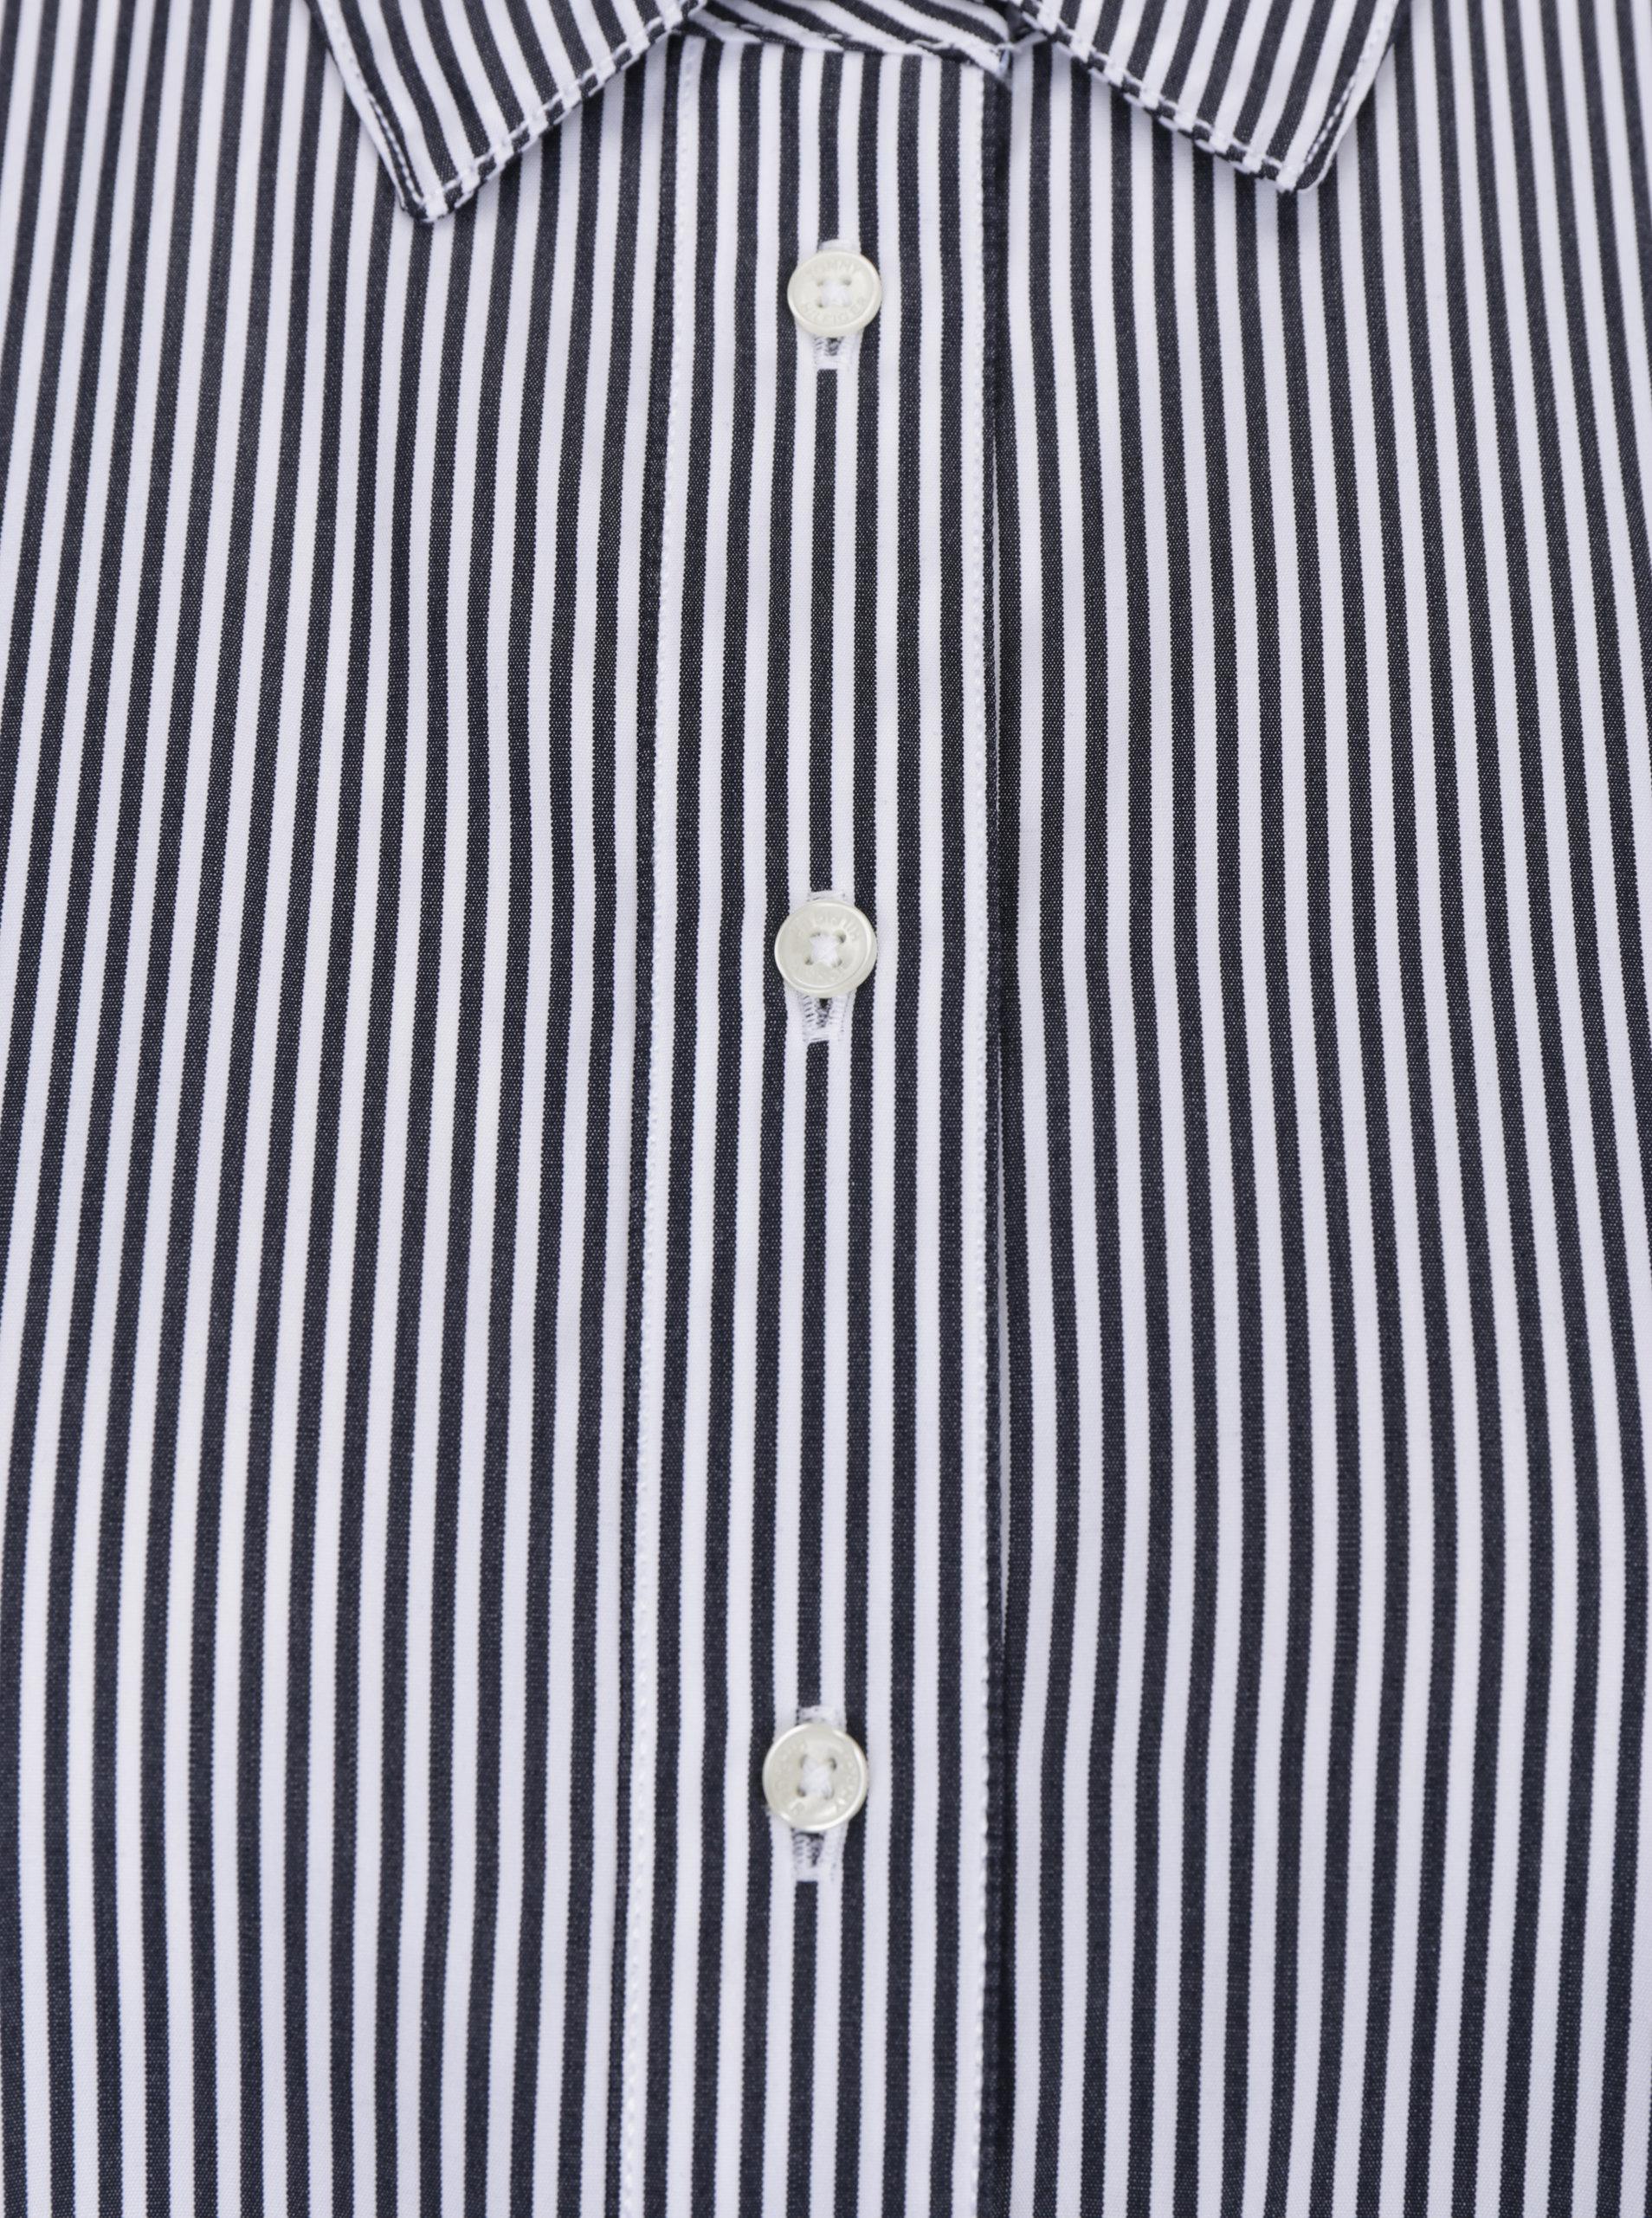 Bielo-čierna dámska pruhovaná košeľa Tommy Hilfiger ... 66e0fed74cd